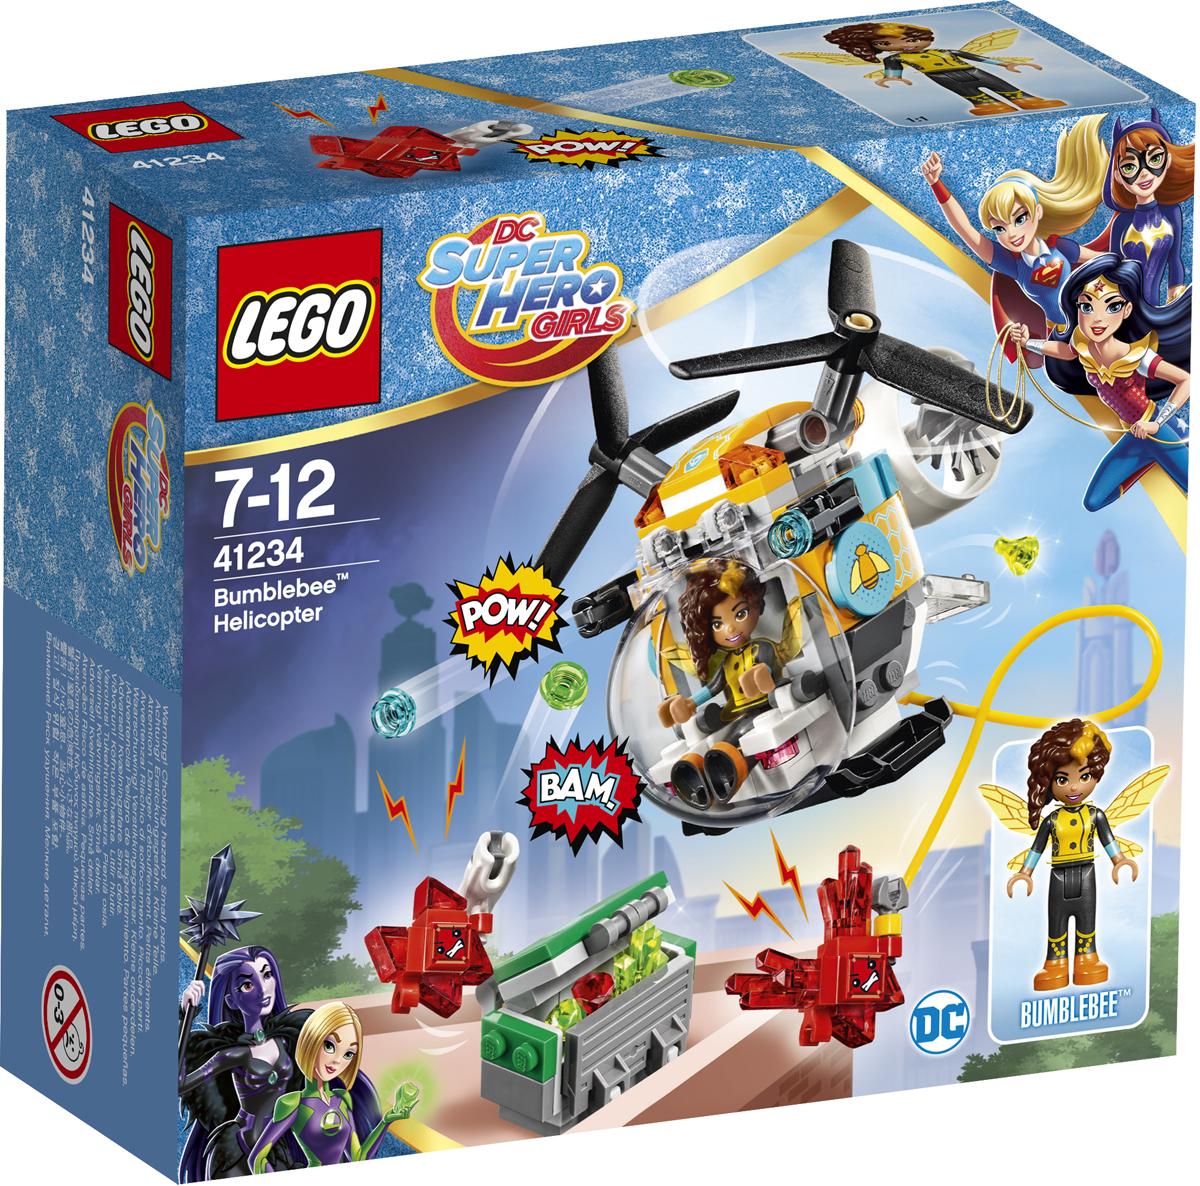 LEGO DC Super Hero Girls Конструктор Вертолет Бамблби 41234 велосипед navigator super hero girls 18 разноцветный двухколёсный